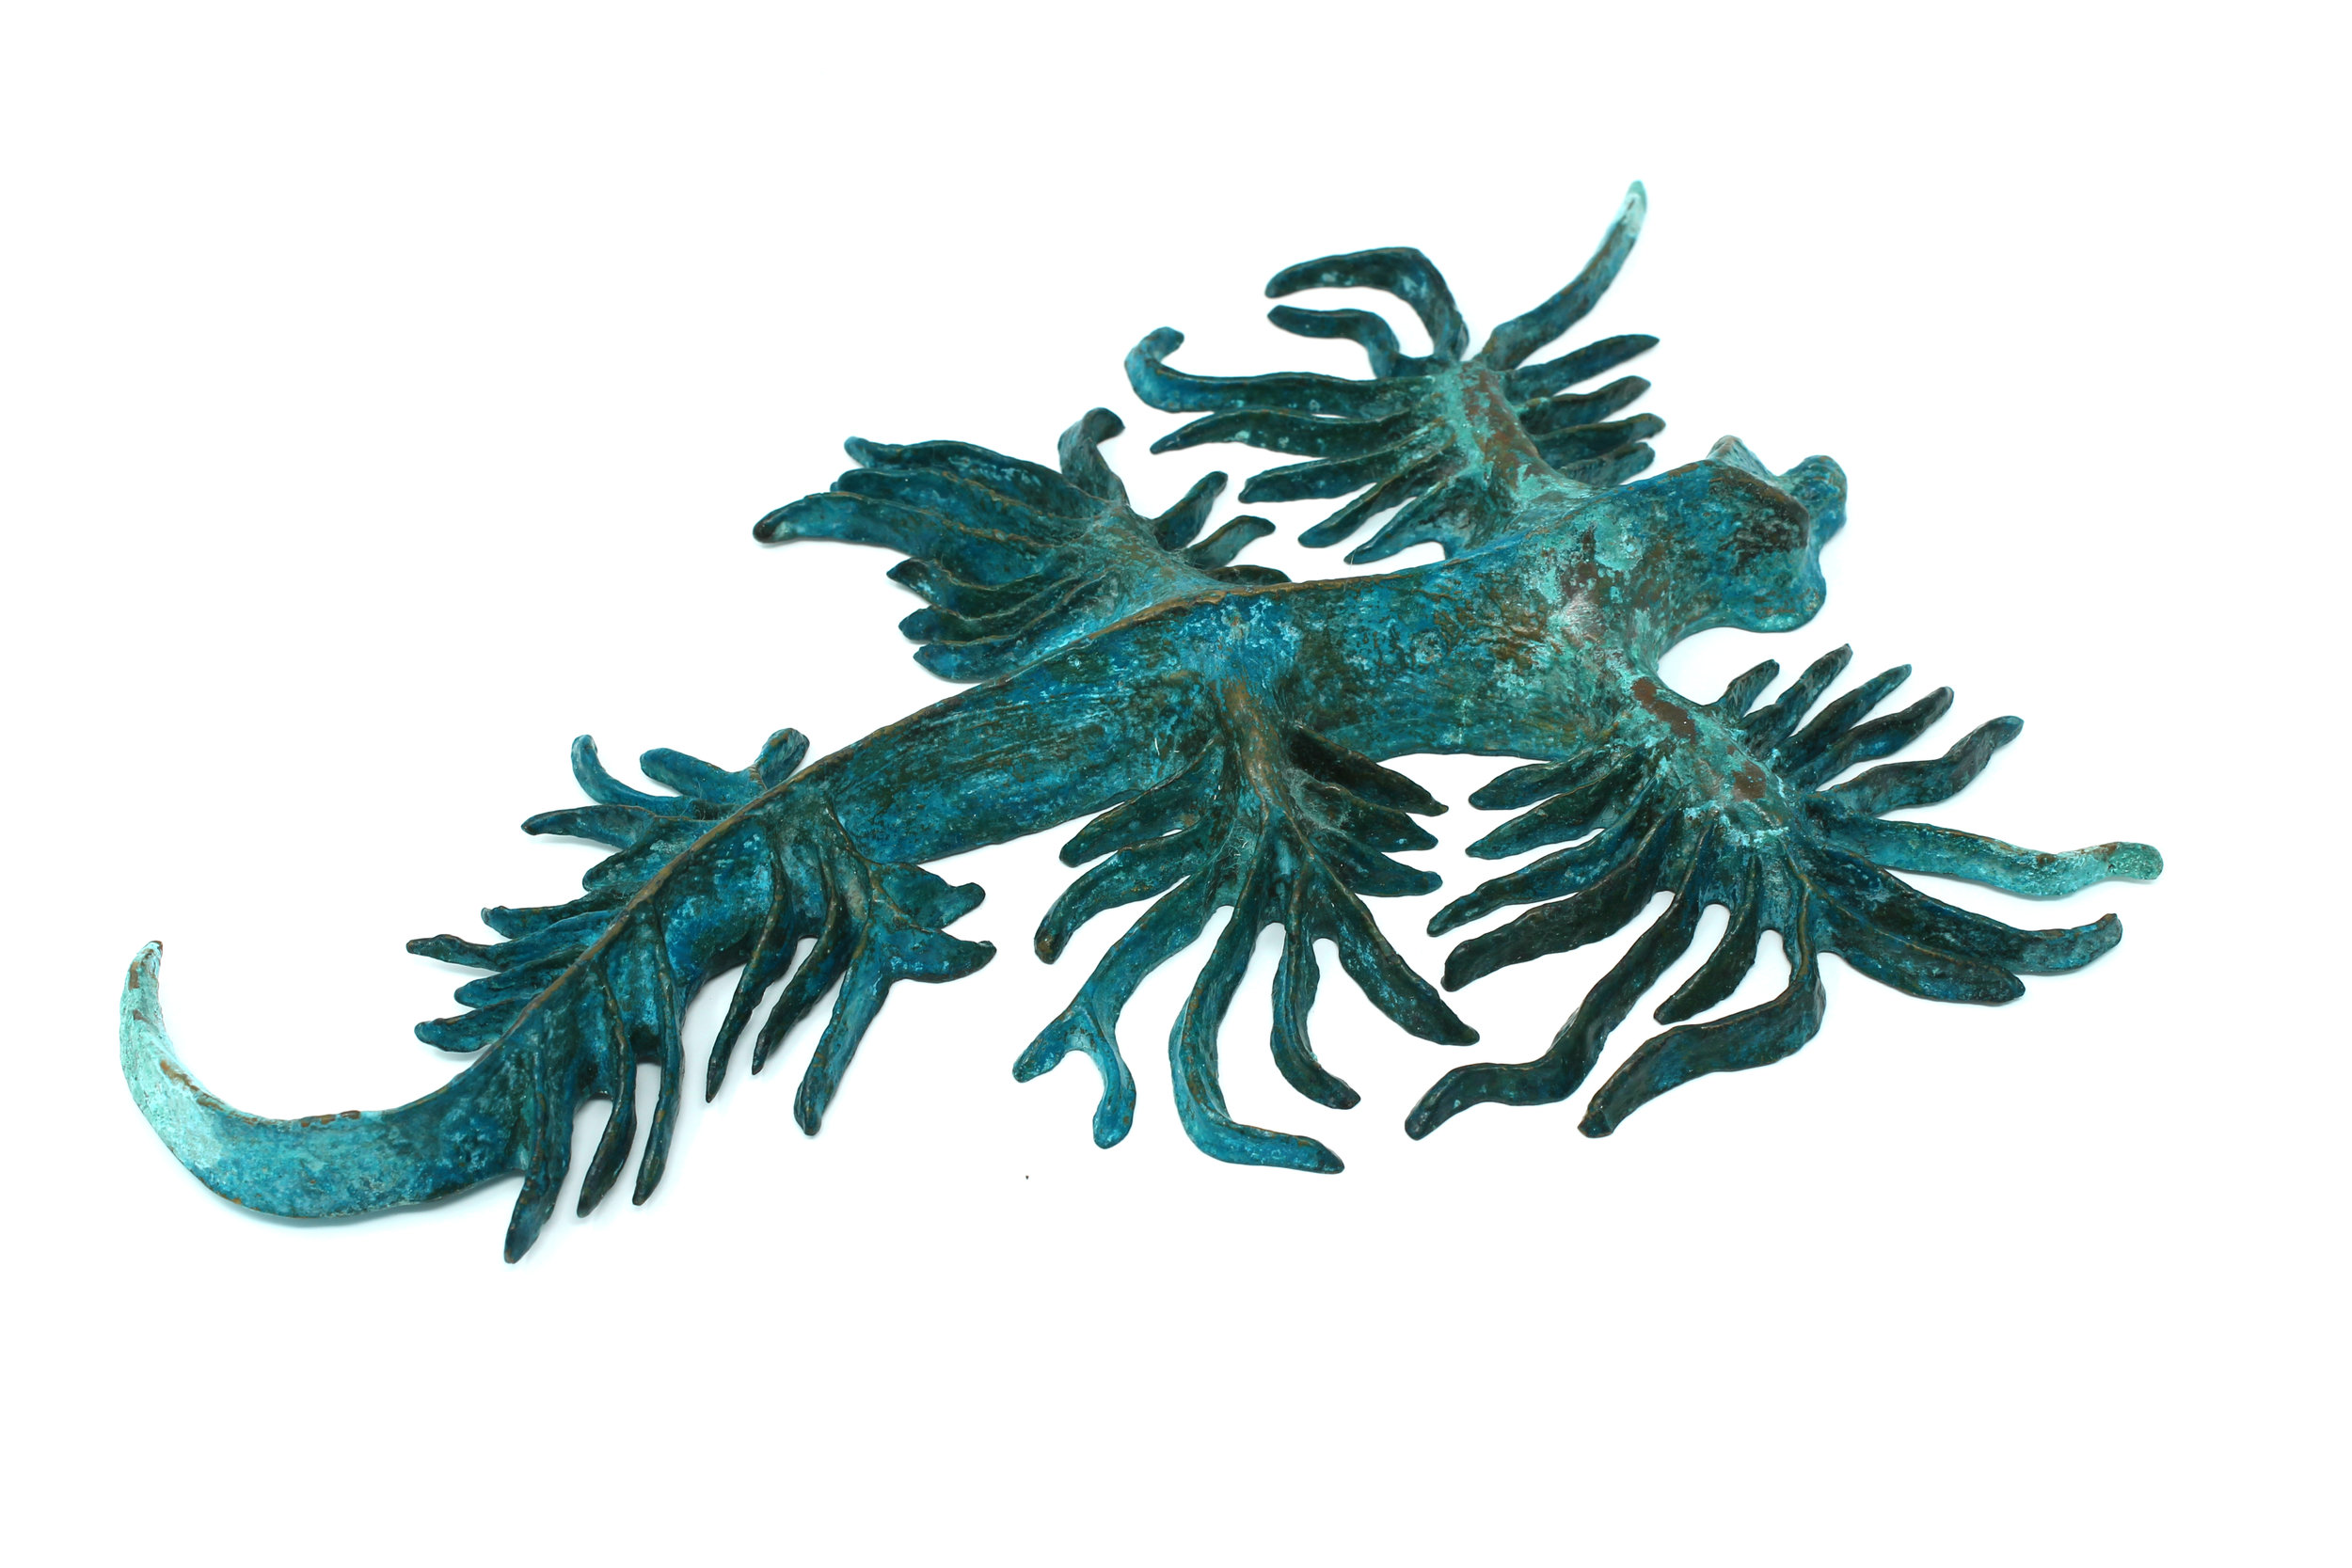 Nudibranch #1